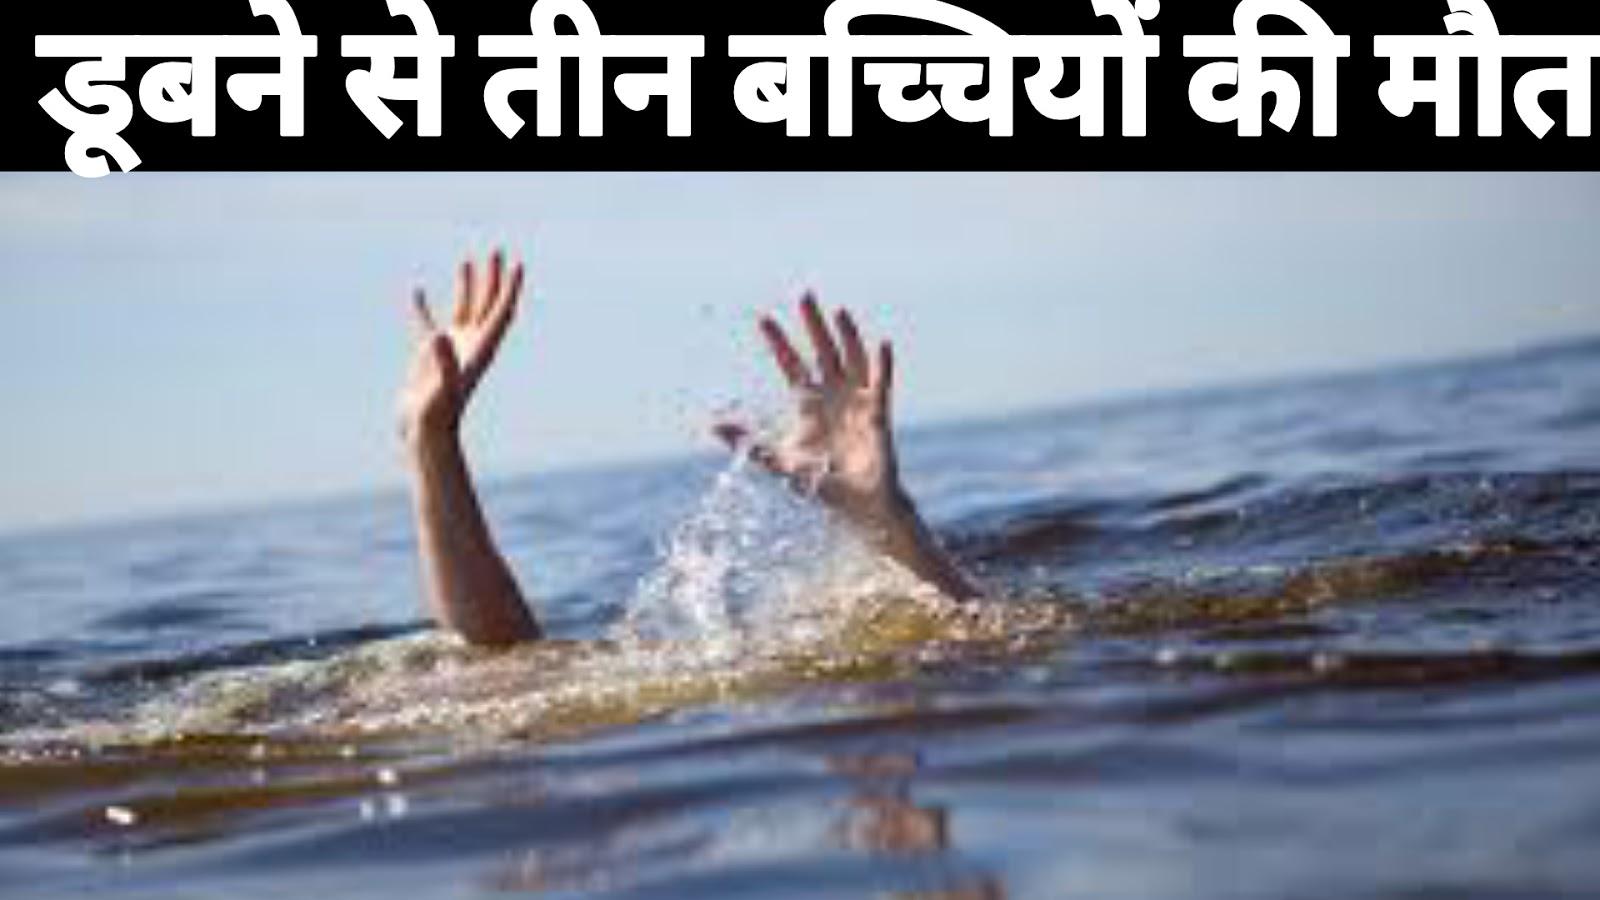 शिवहर में पानी से भरे गड्ढे में डूबने से तीन बच्चियों की मौत, मची अफरातफरी